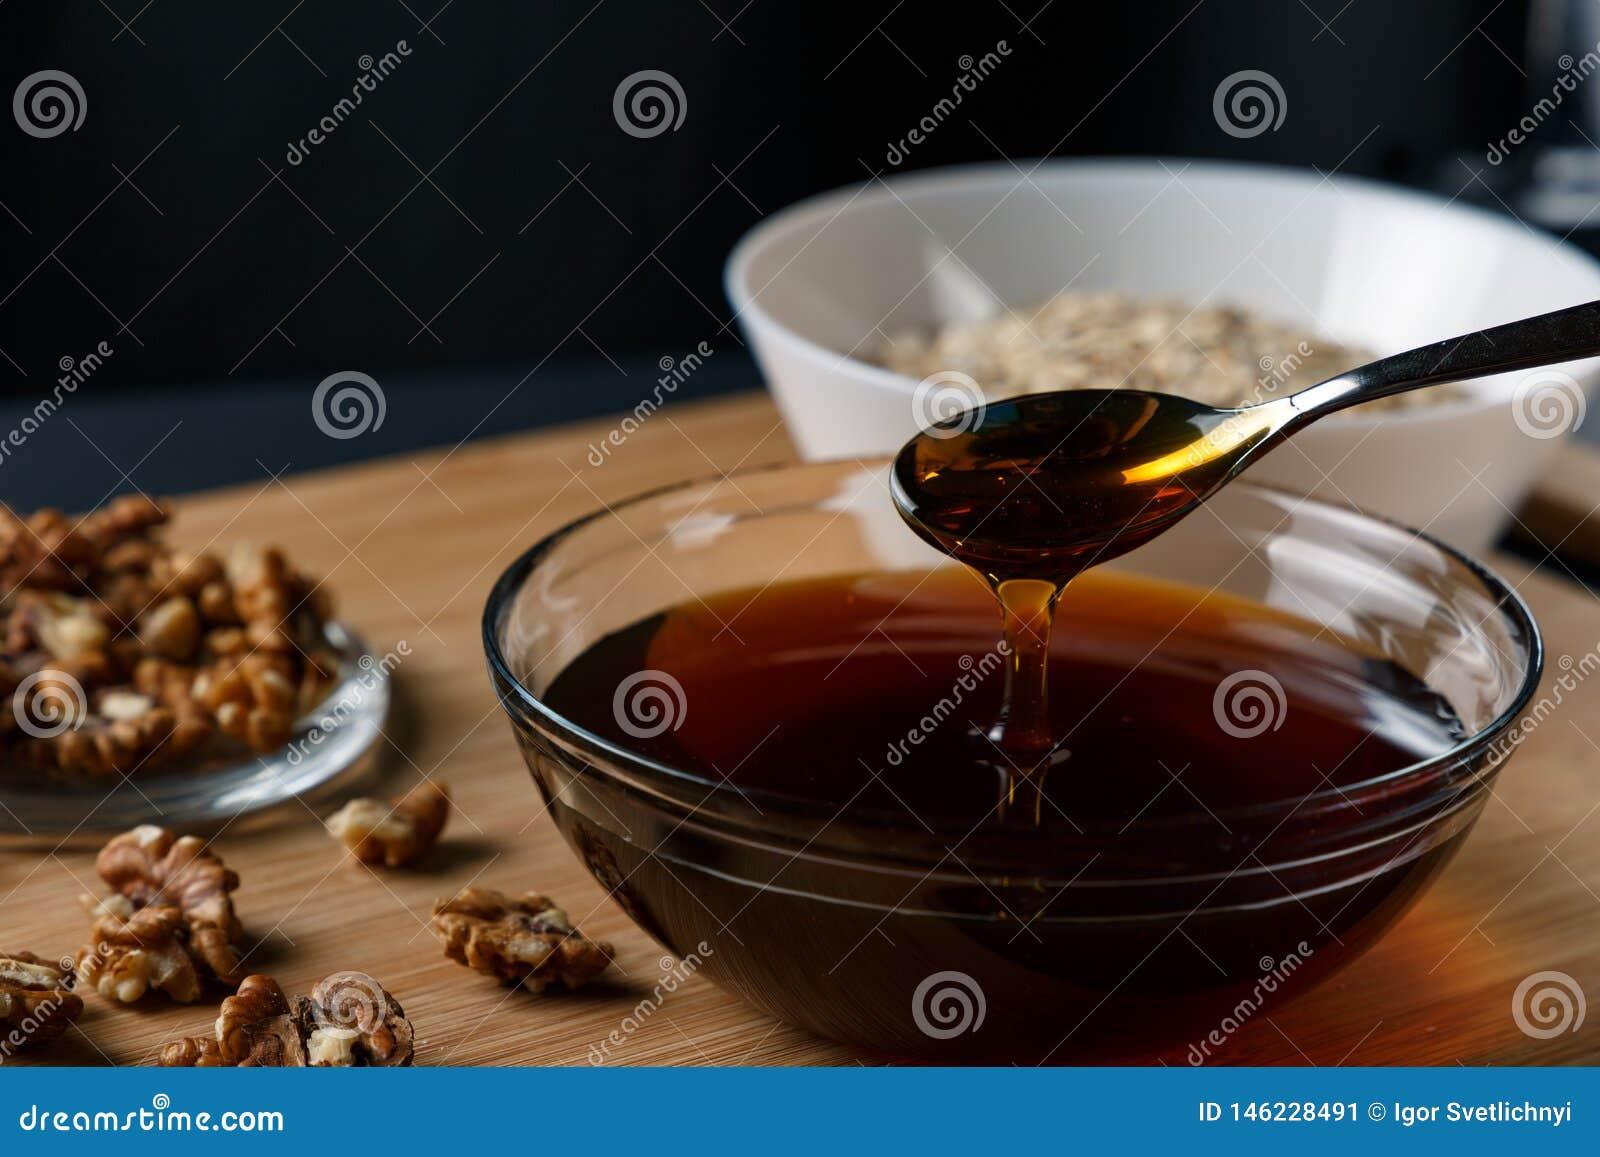 健康早餐成份:蜂蜜,核桃,燕麦粥